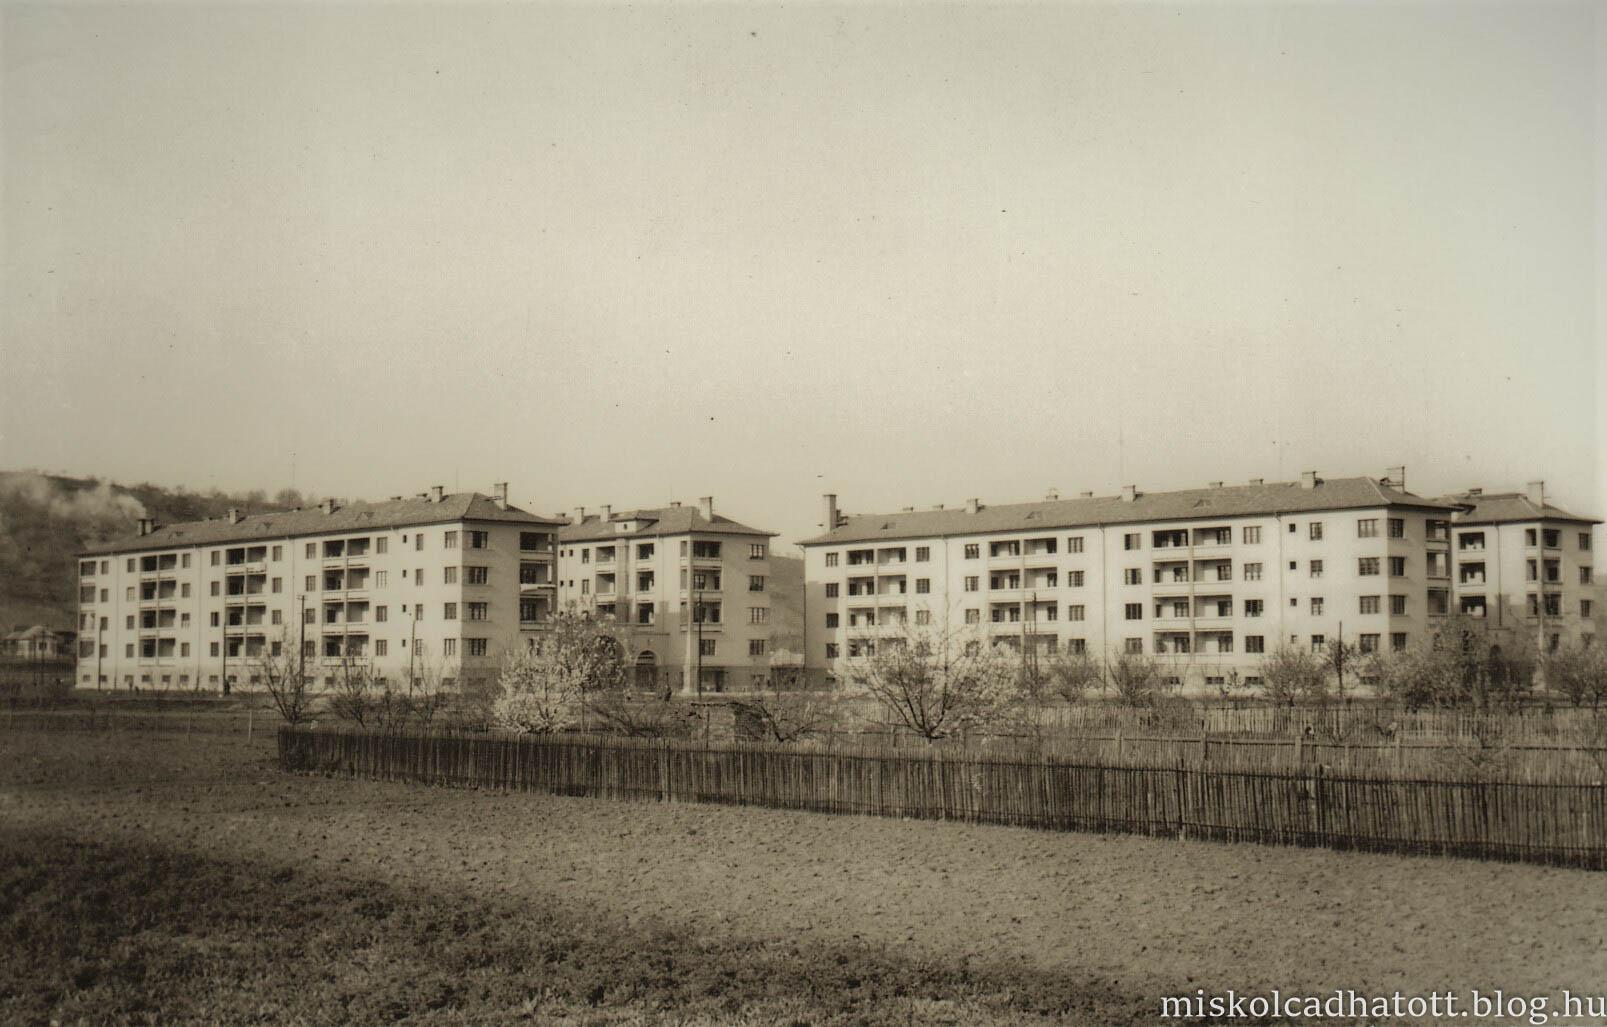 86_232_13_2_regi_berhazak_a_bulgarfoldon_1939-ben_epultek.jpg